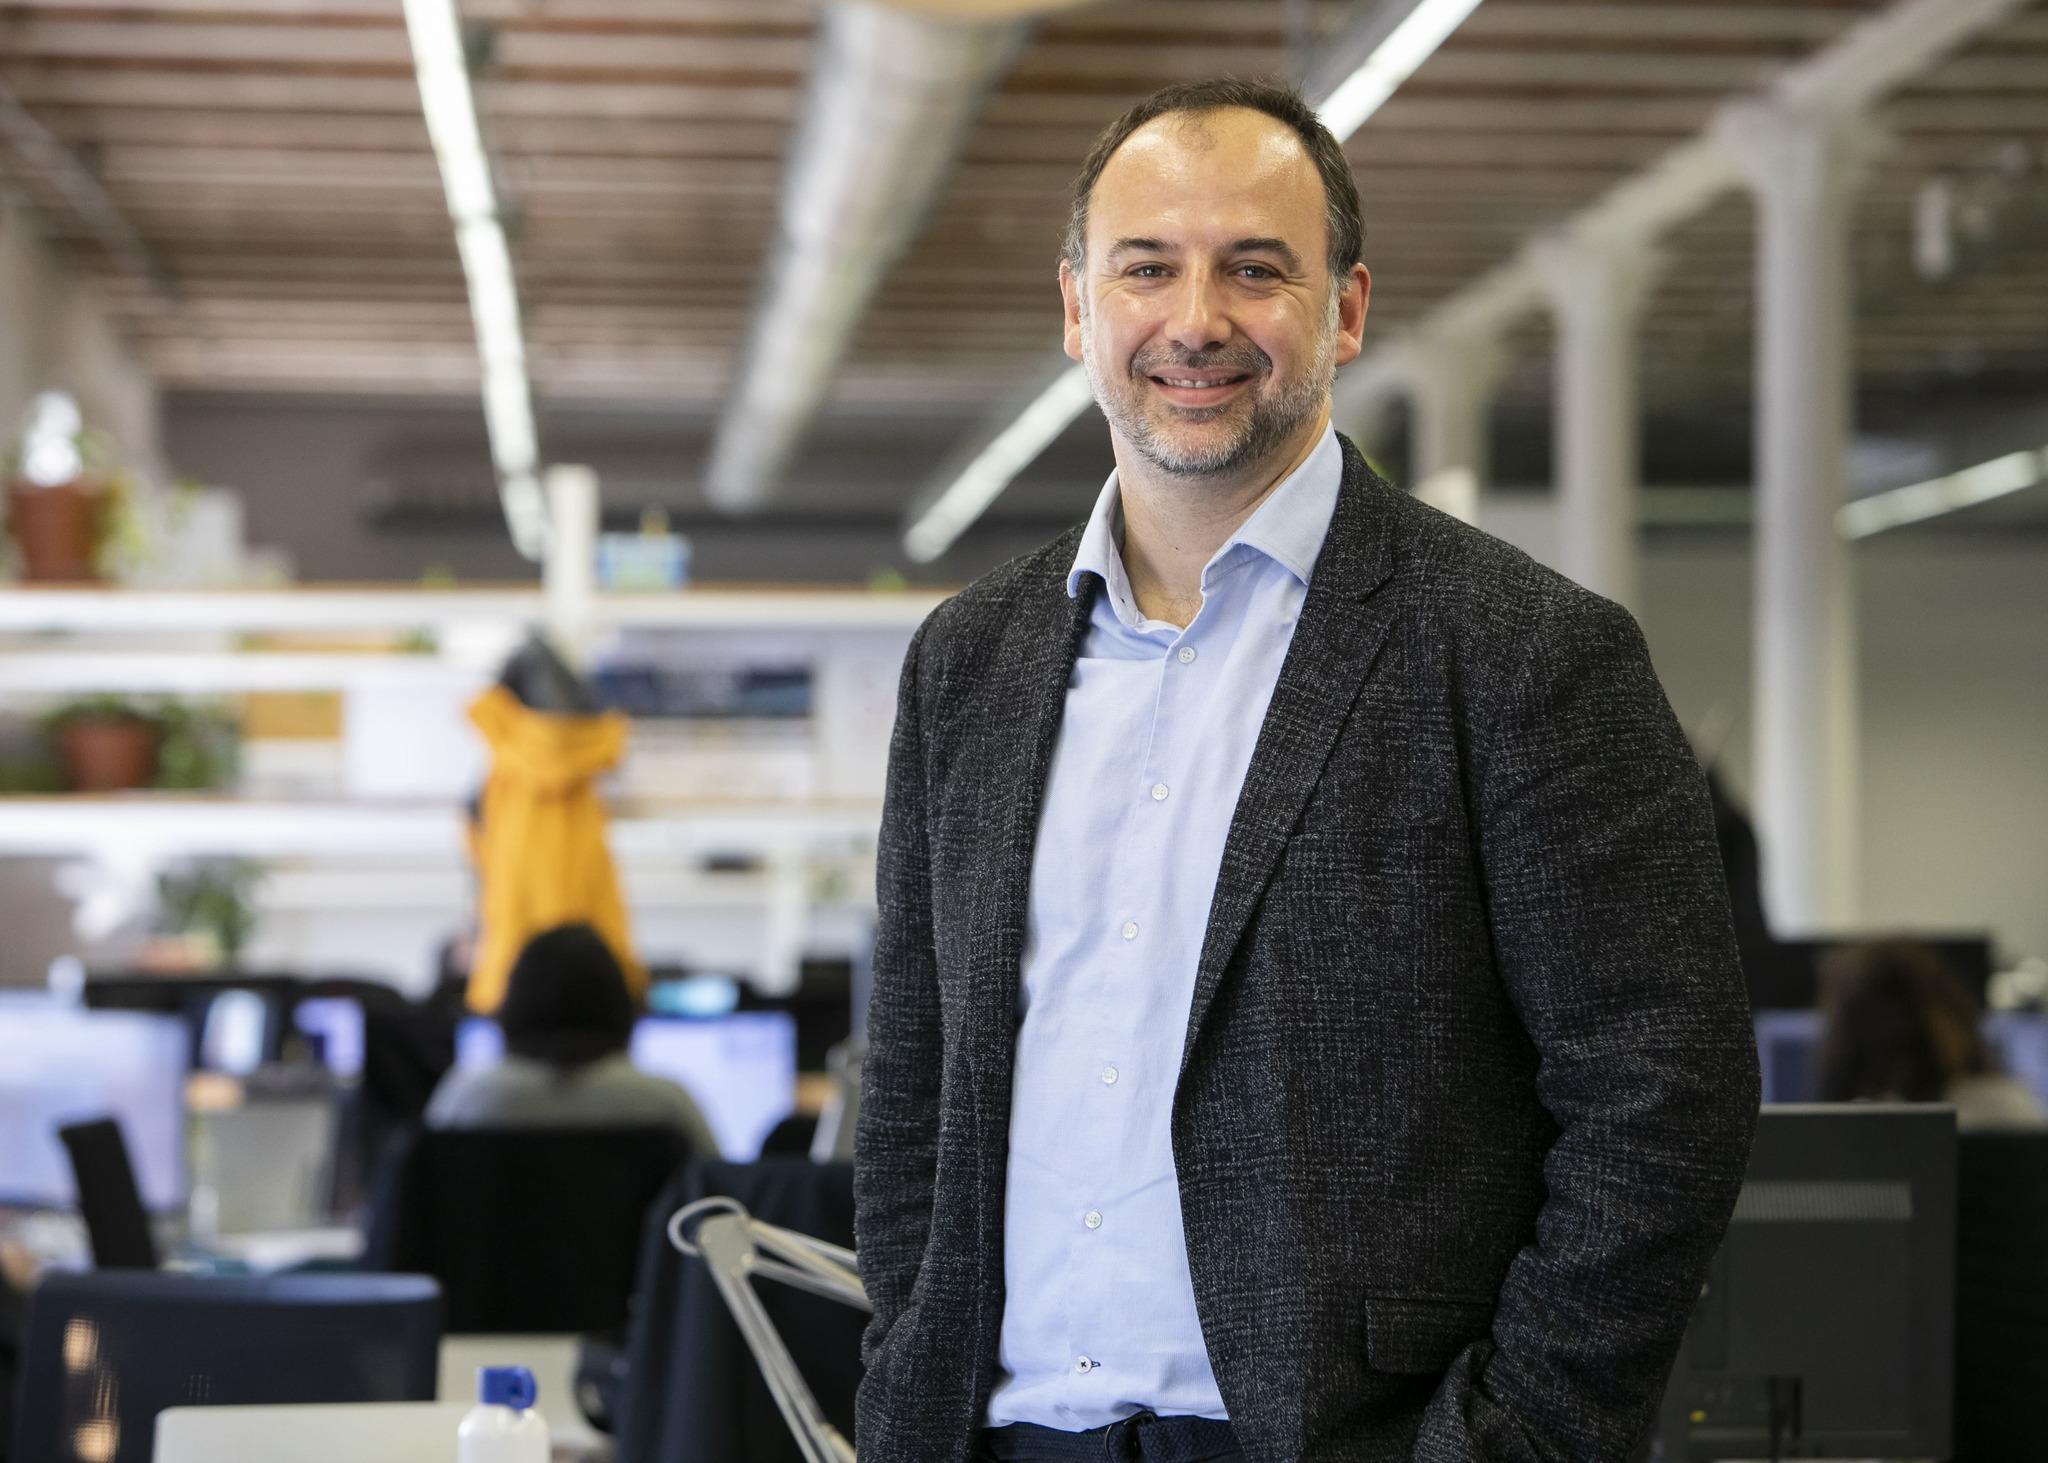 El director de The Collider, Oscar Sala, en la sede del venture builder de la Fundación Mobile World Capital Barcelona.